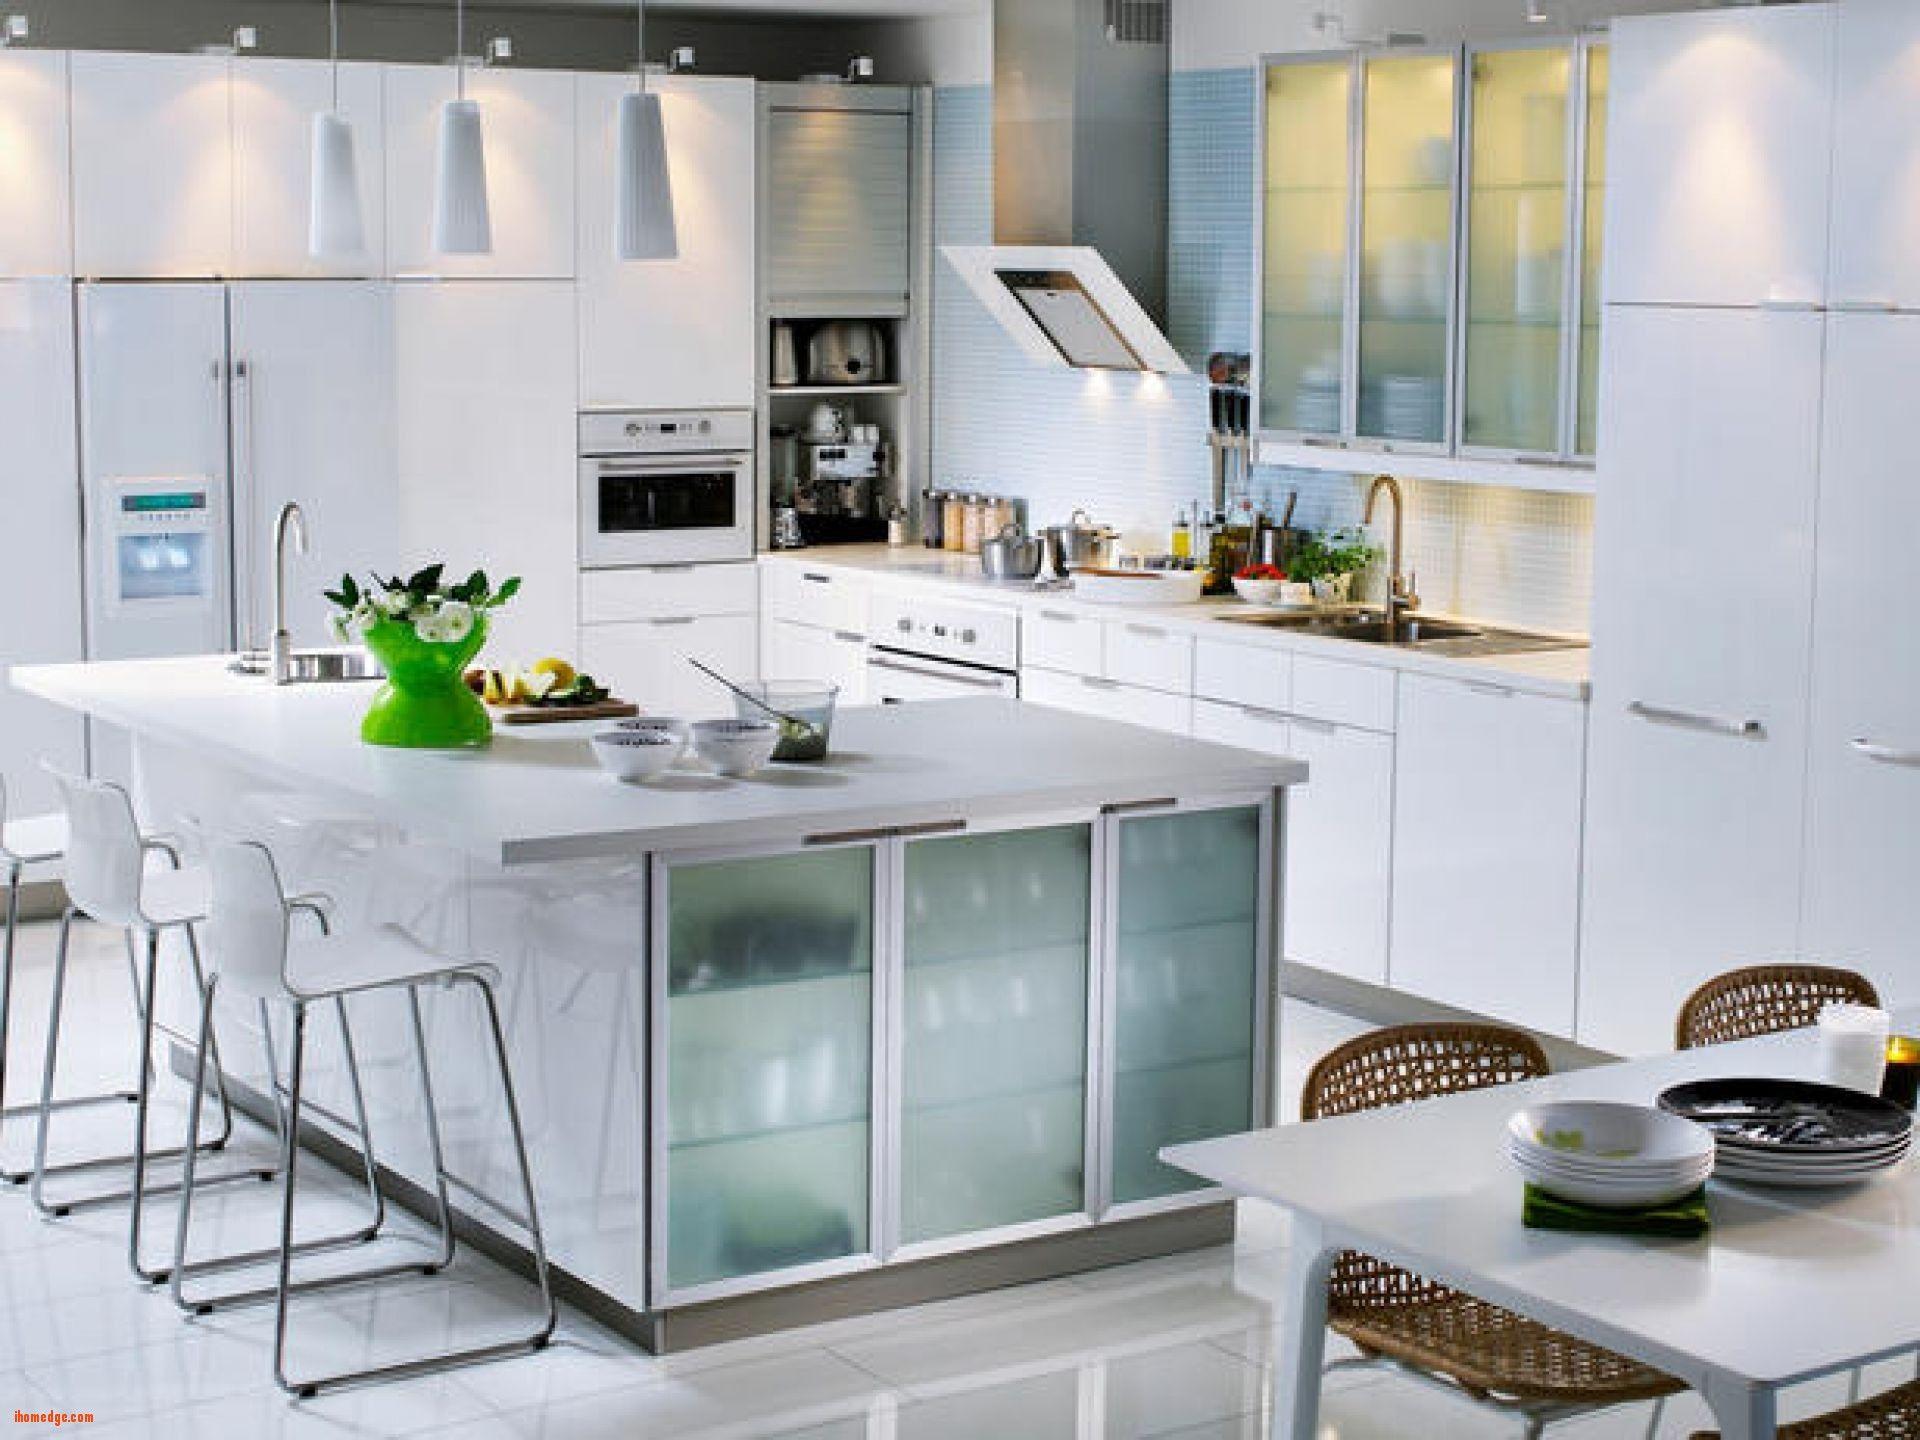 Inspirational Luxury Kitchen Design App , Free Kitchen